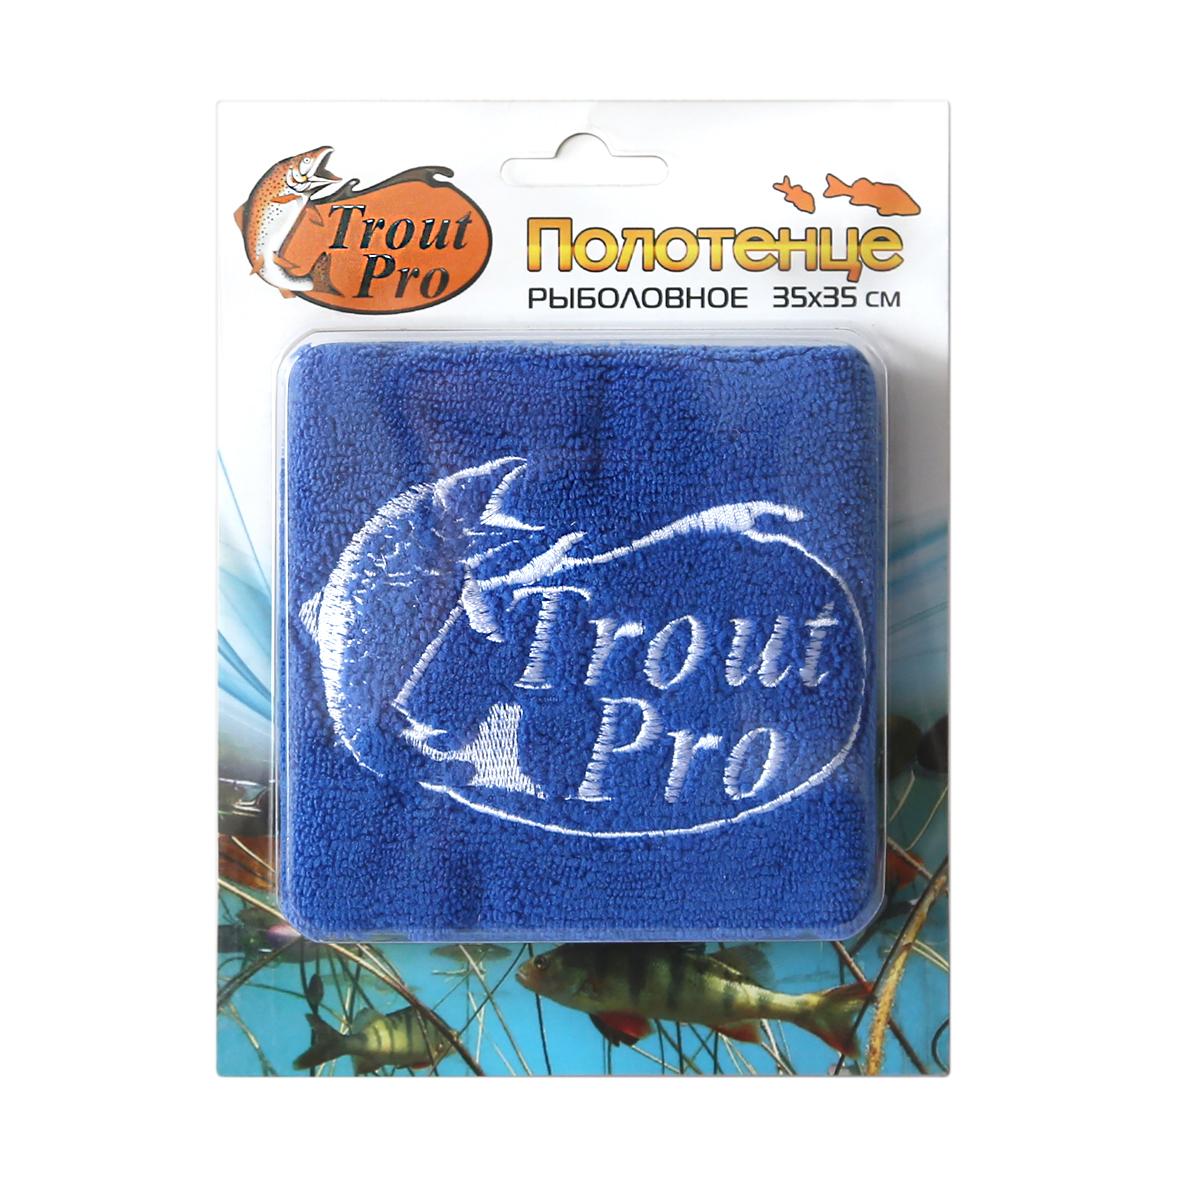 """Полотенце """"Trout Pro"""" рыболовное, цвет: синий, 35 х 35 см 37973"""